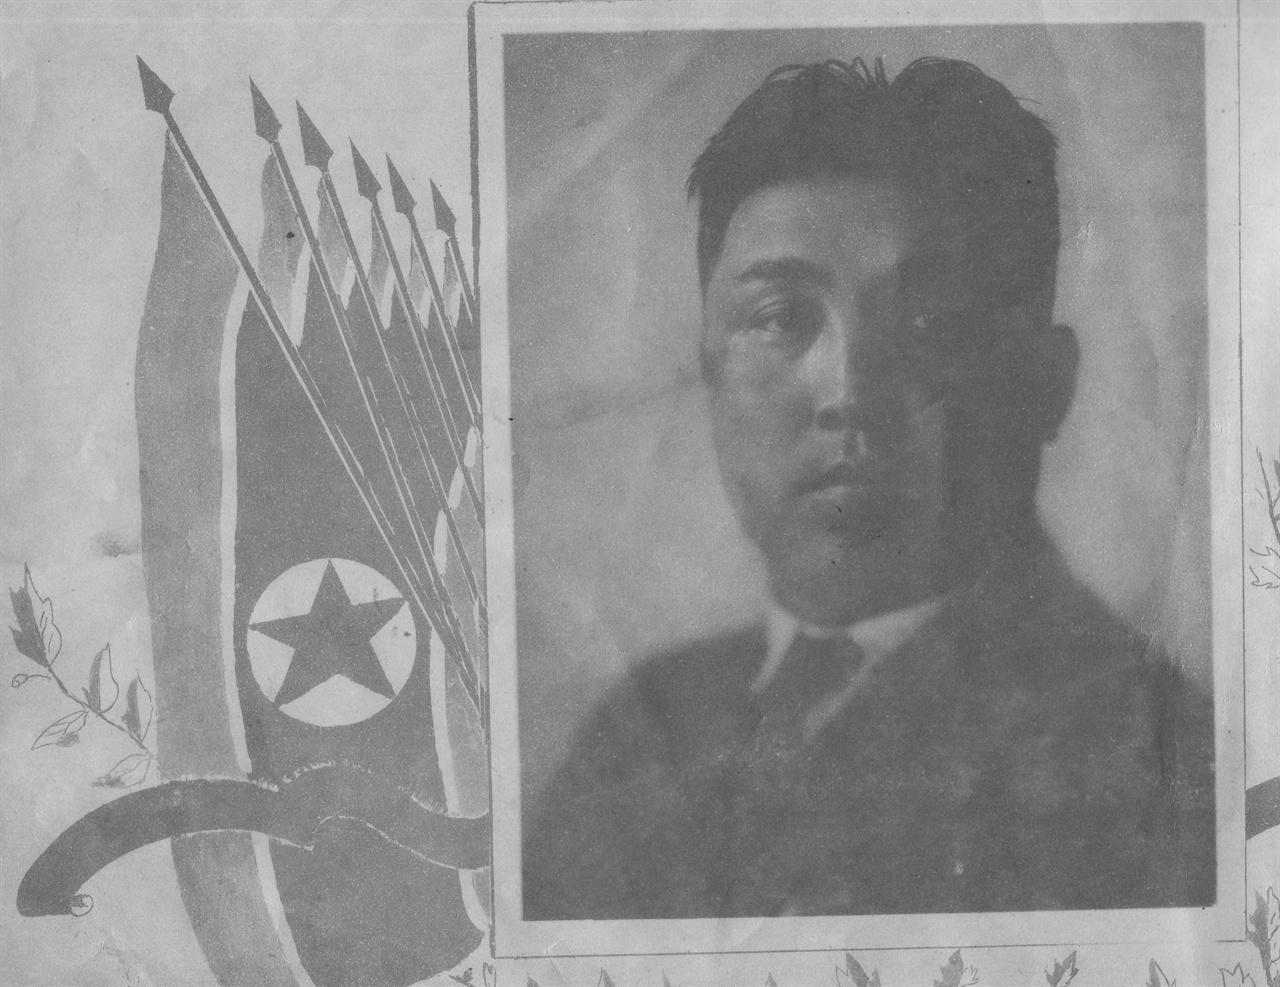 해방4주년기념,  조선화보에 실린 김일성 내각 수상(1949. 8. 30.)